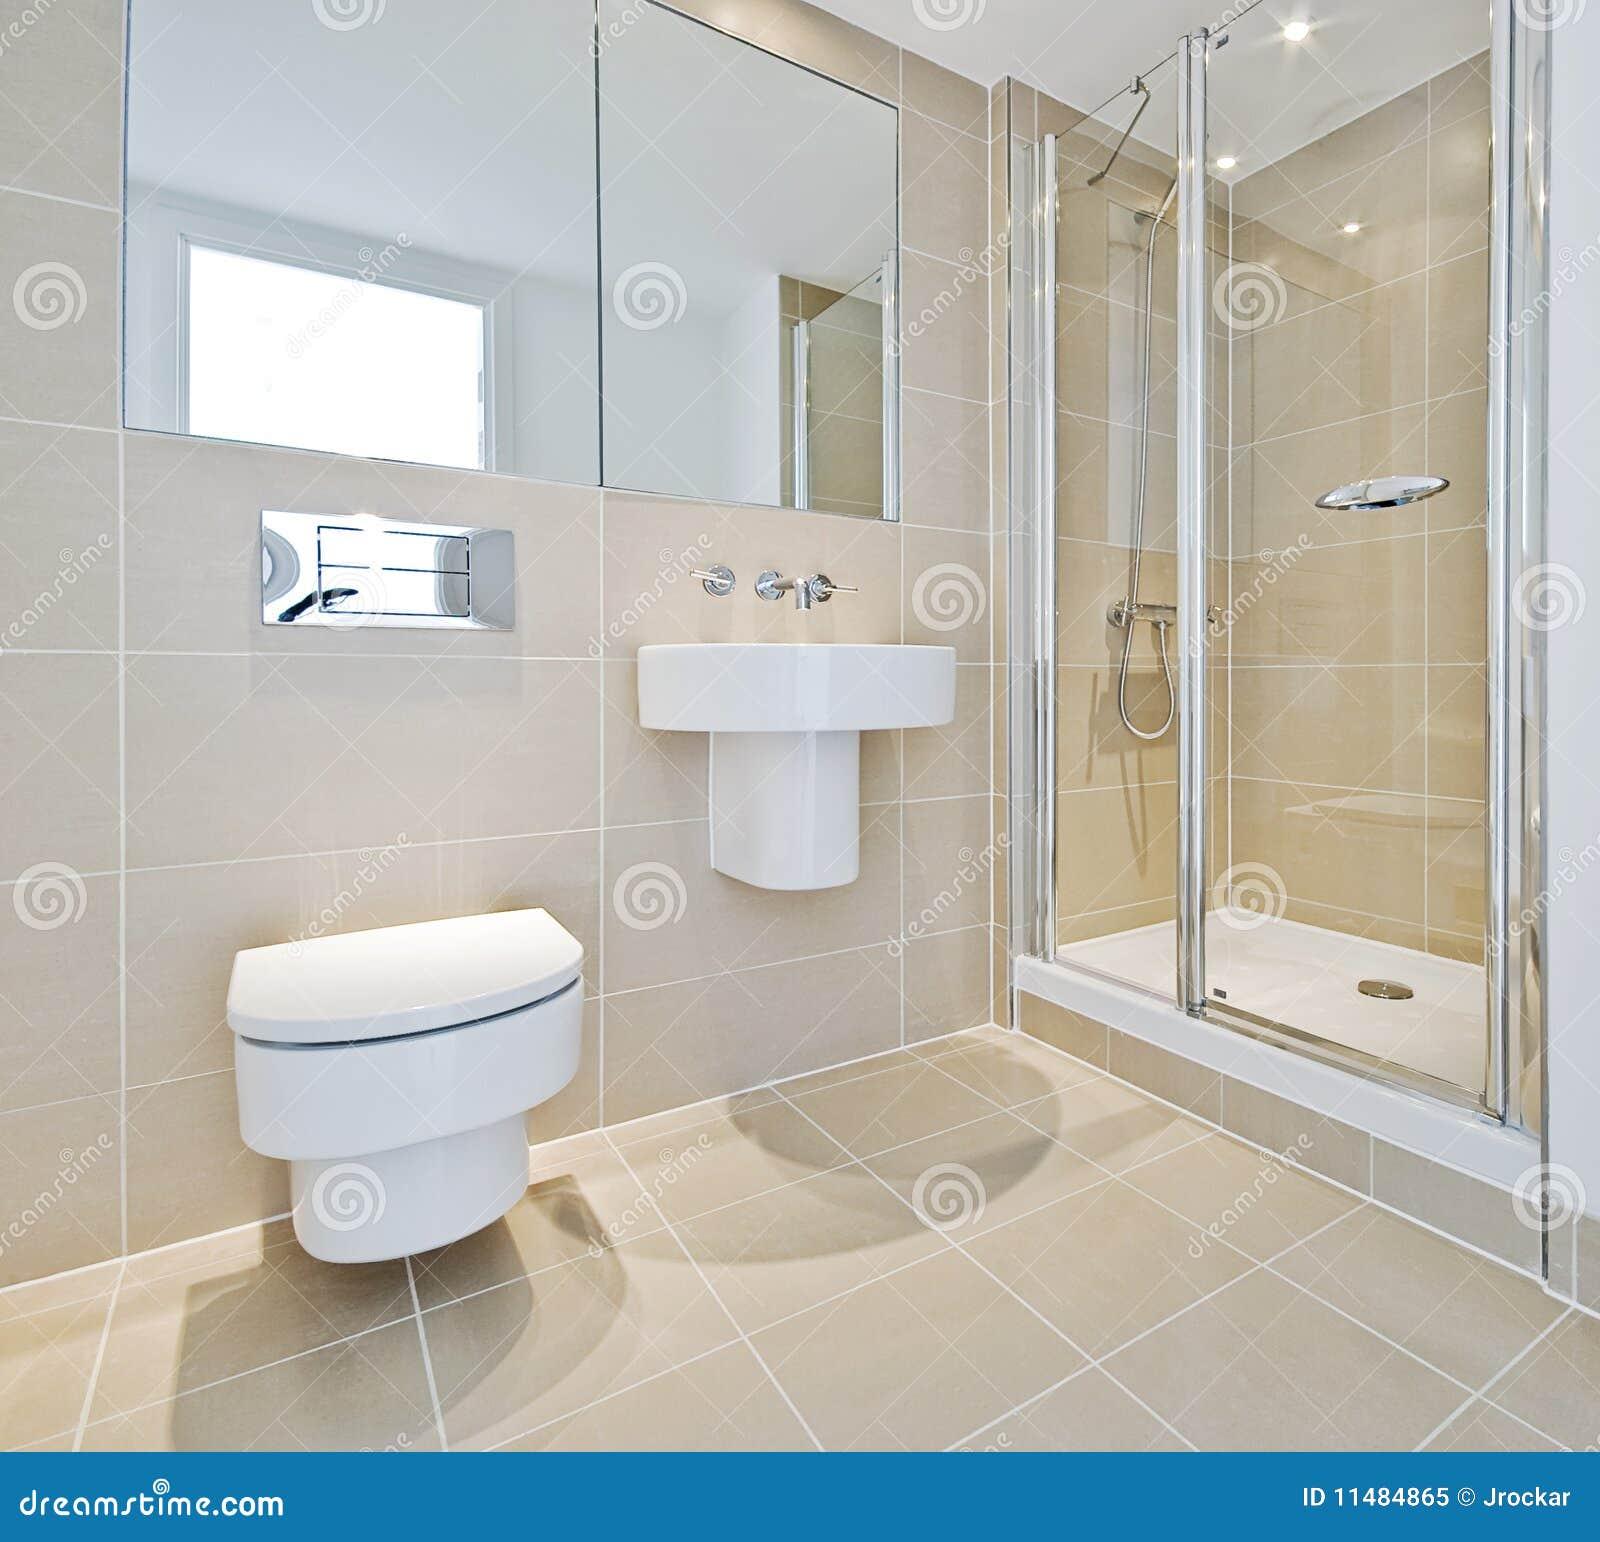 Banheiro Com Canto Do Chuveiro Foto de Stock Royalty Free  Imagem 11484865 -> Banheiros Modernos Chuveiro